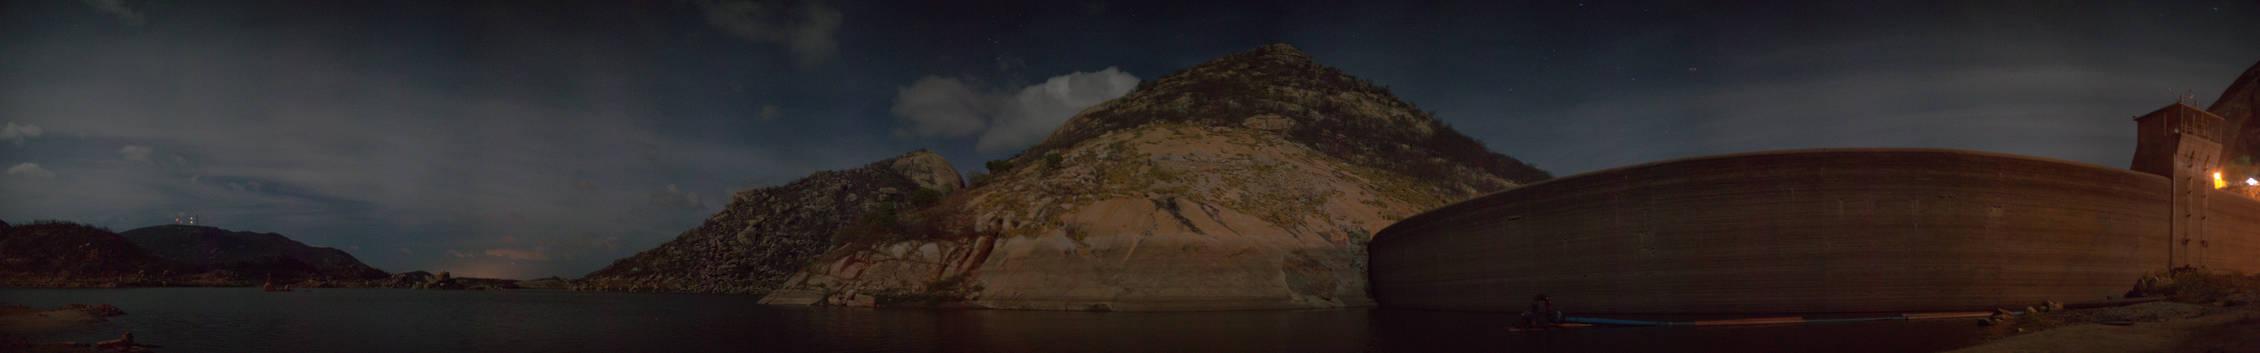 Gargalheira's Dam at night